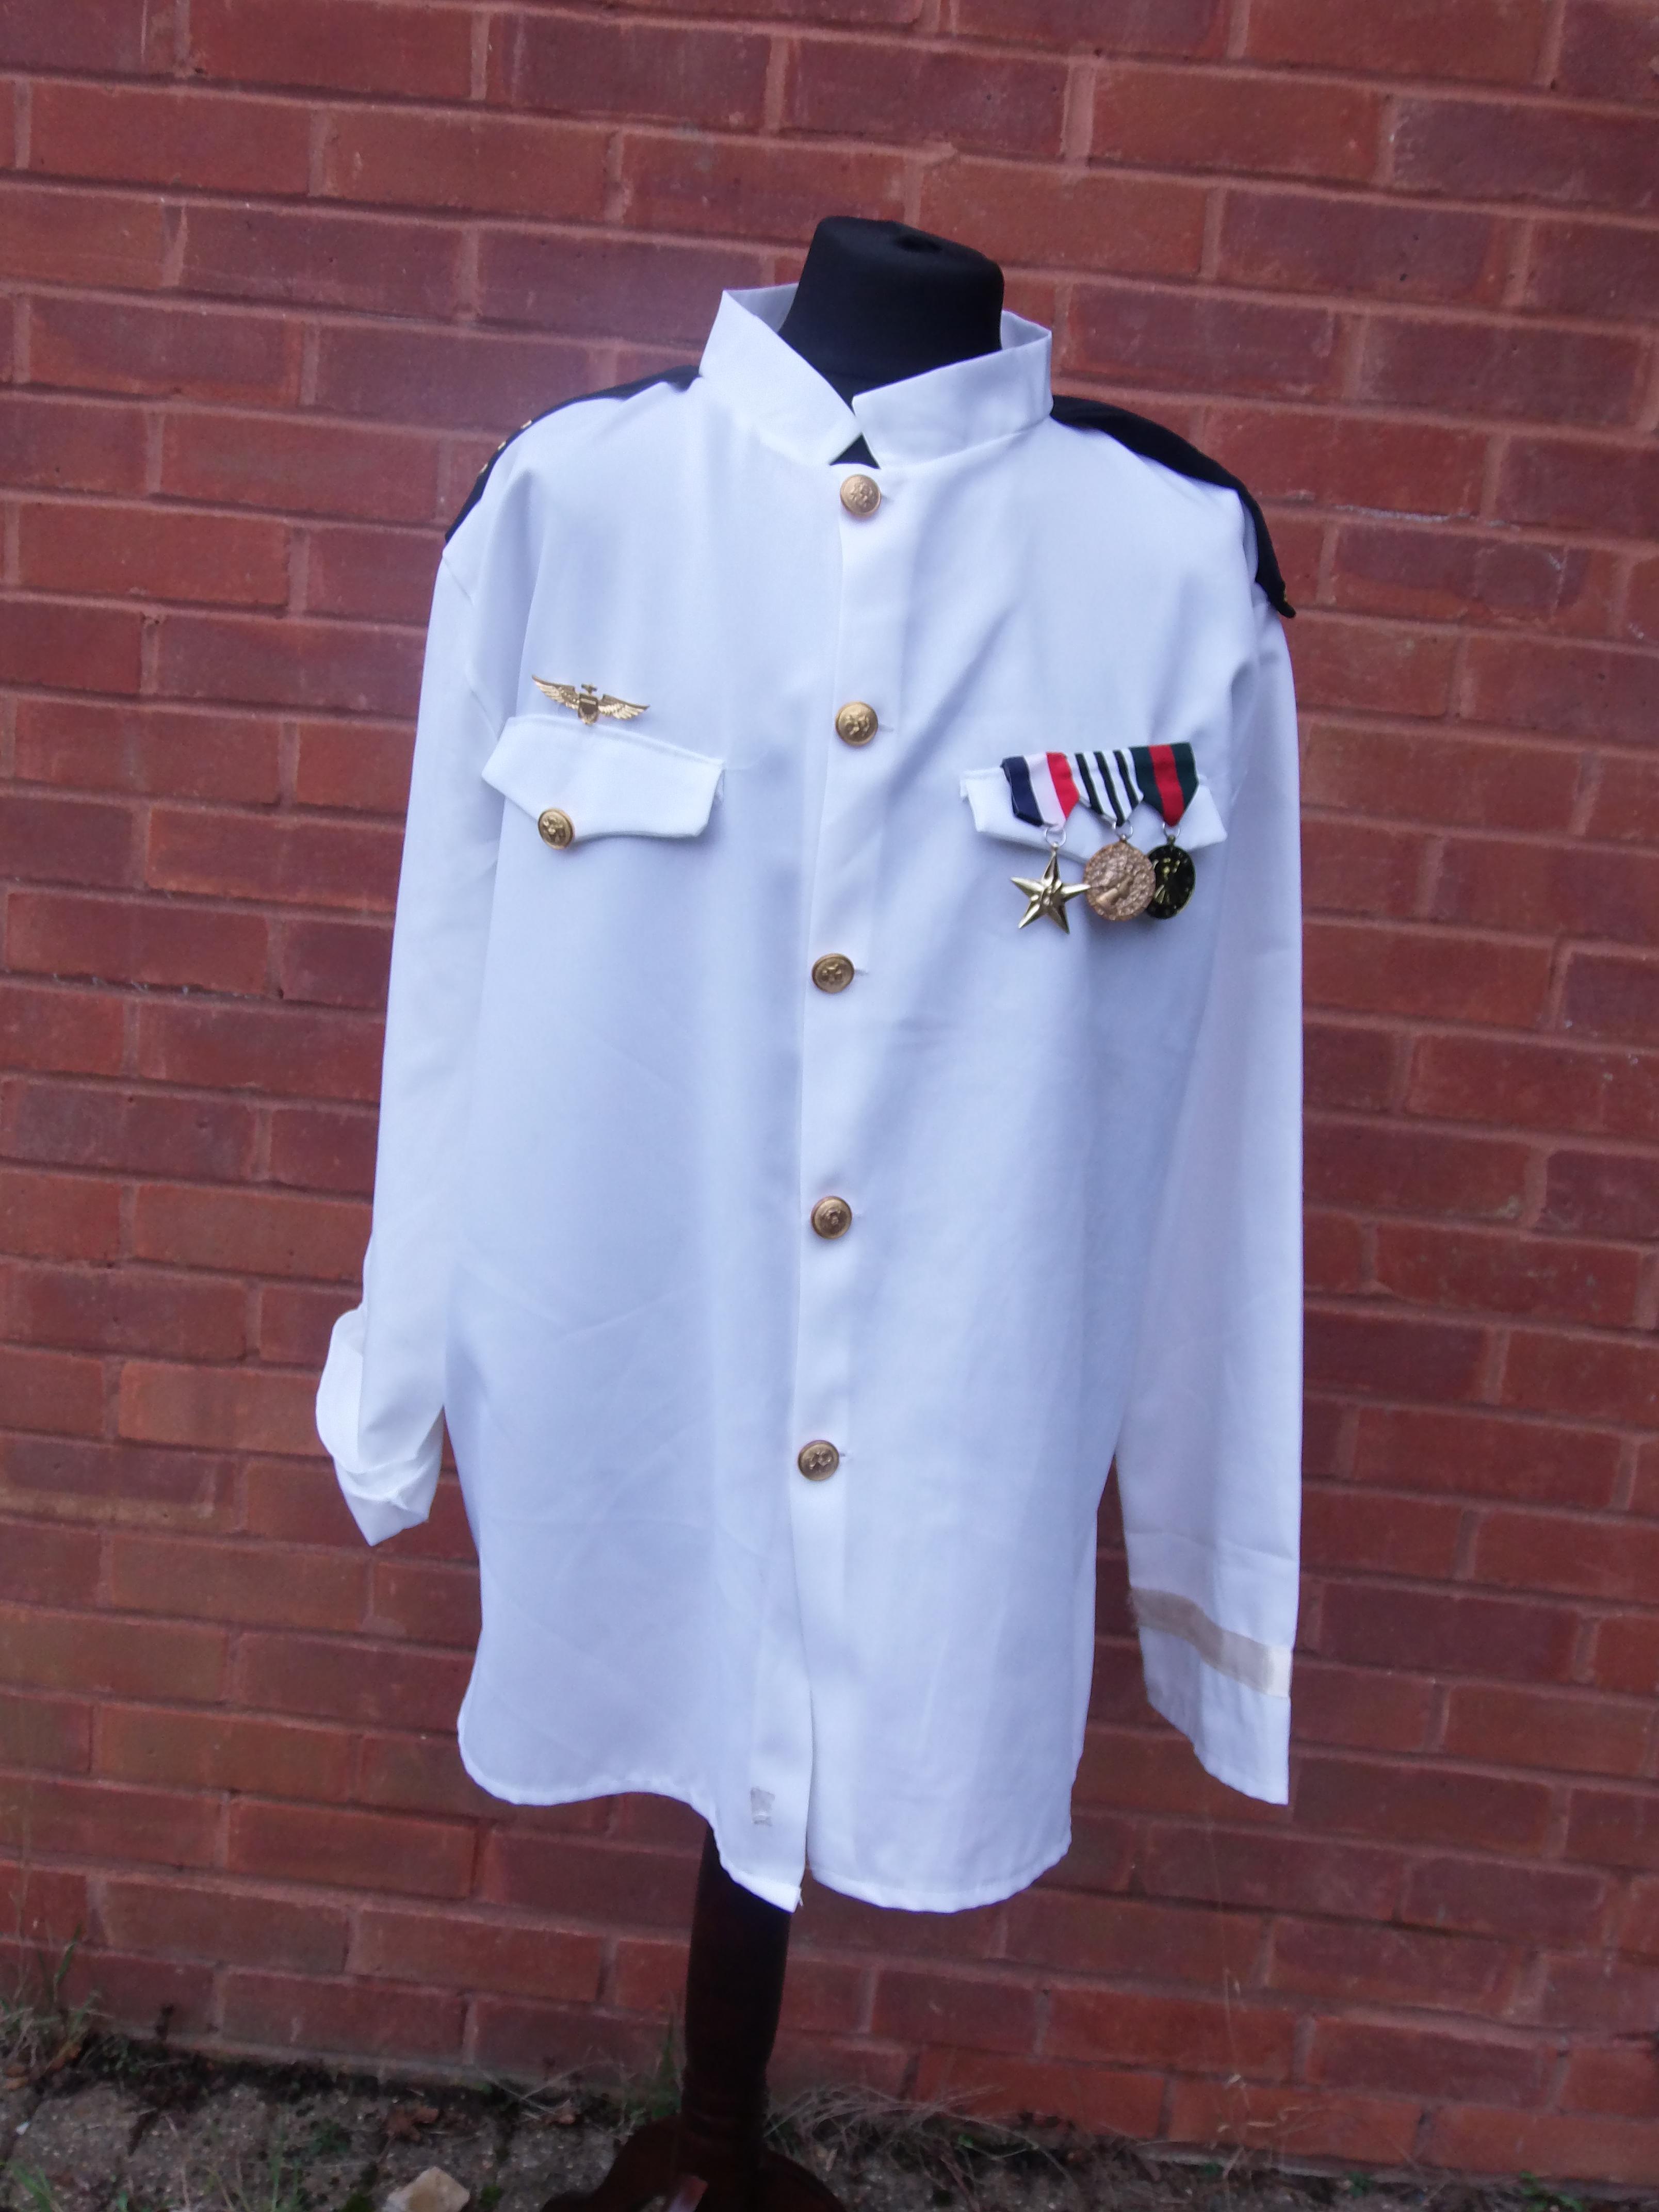 Fairfax - Goering jacket